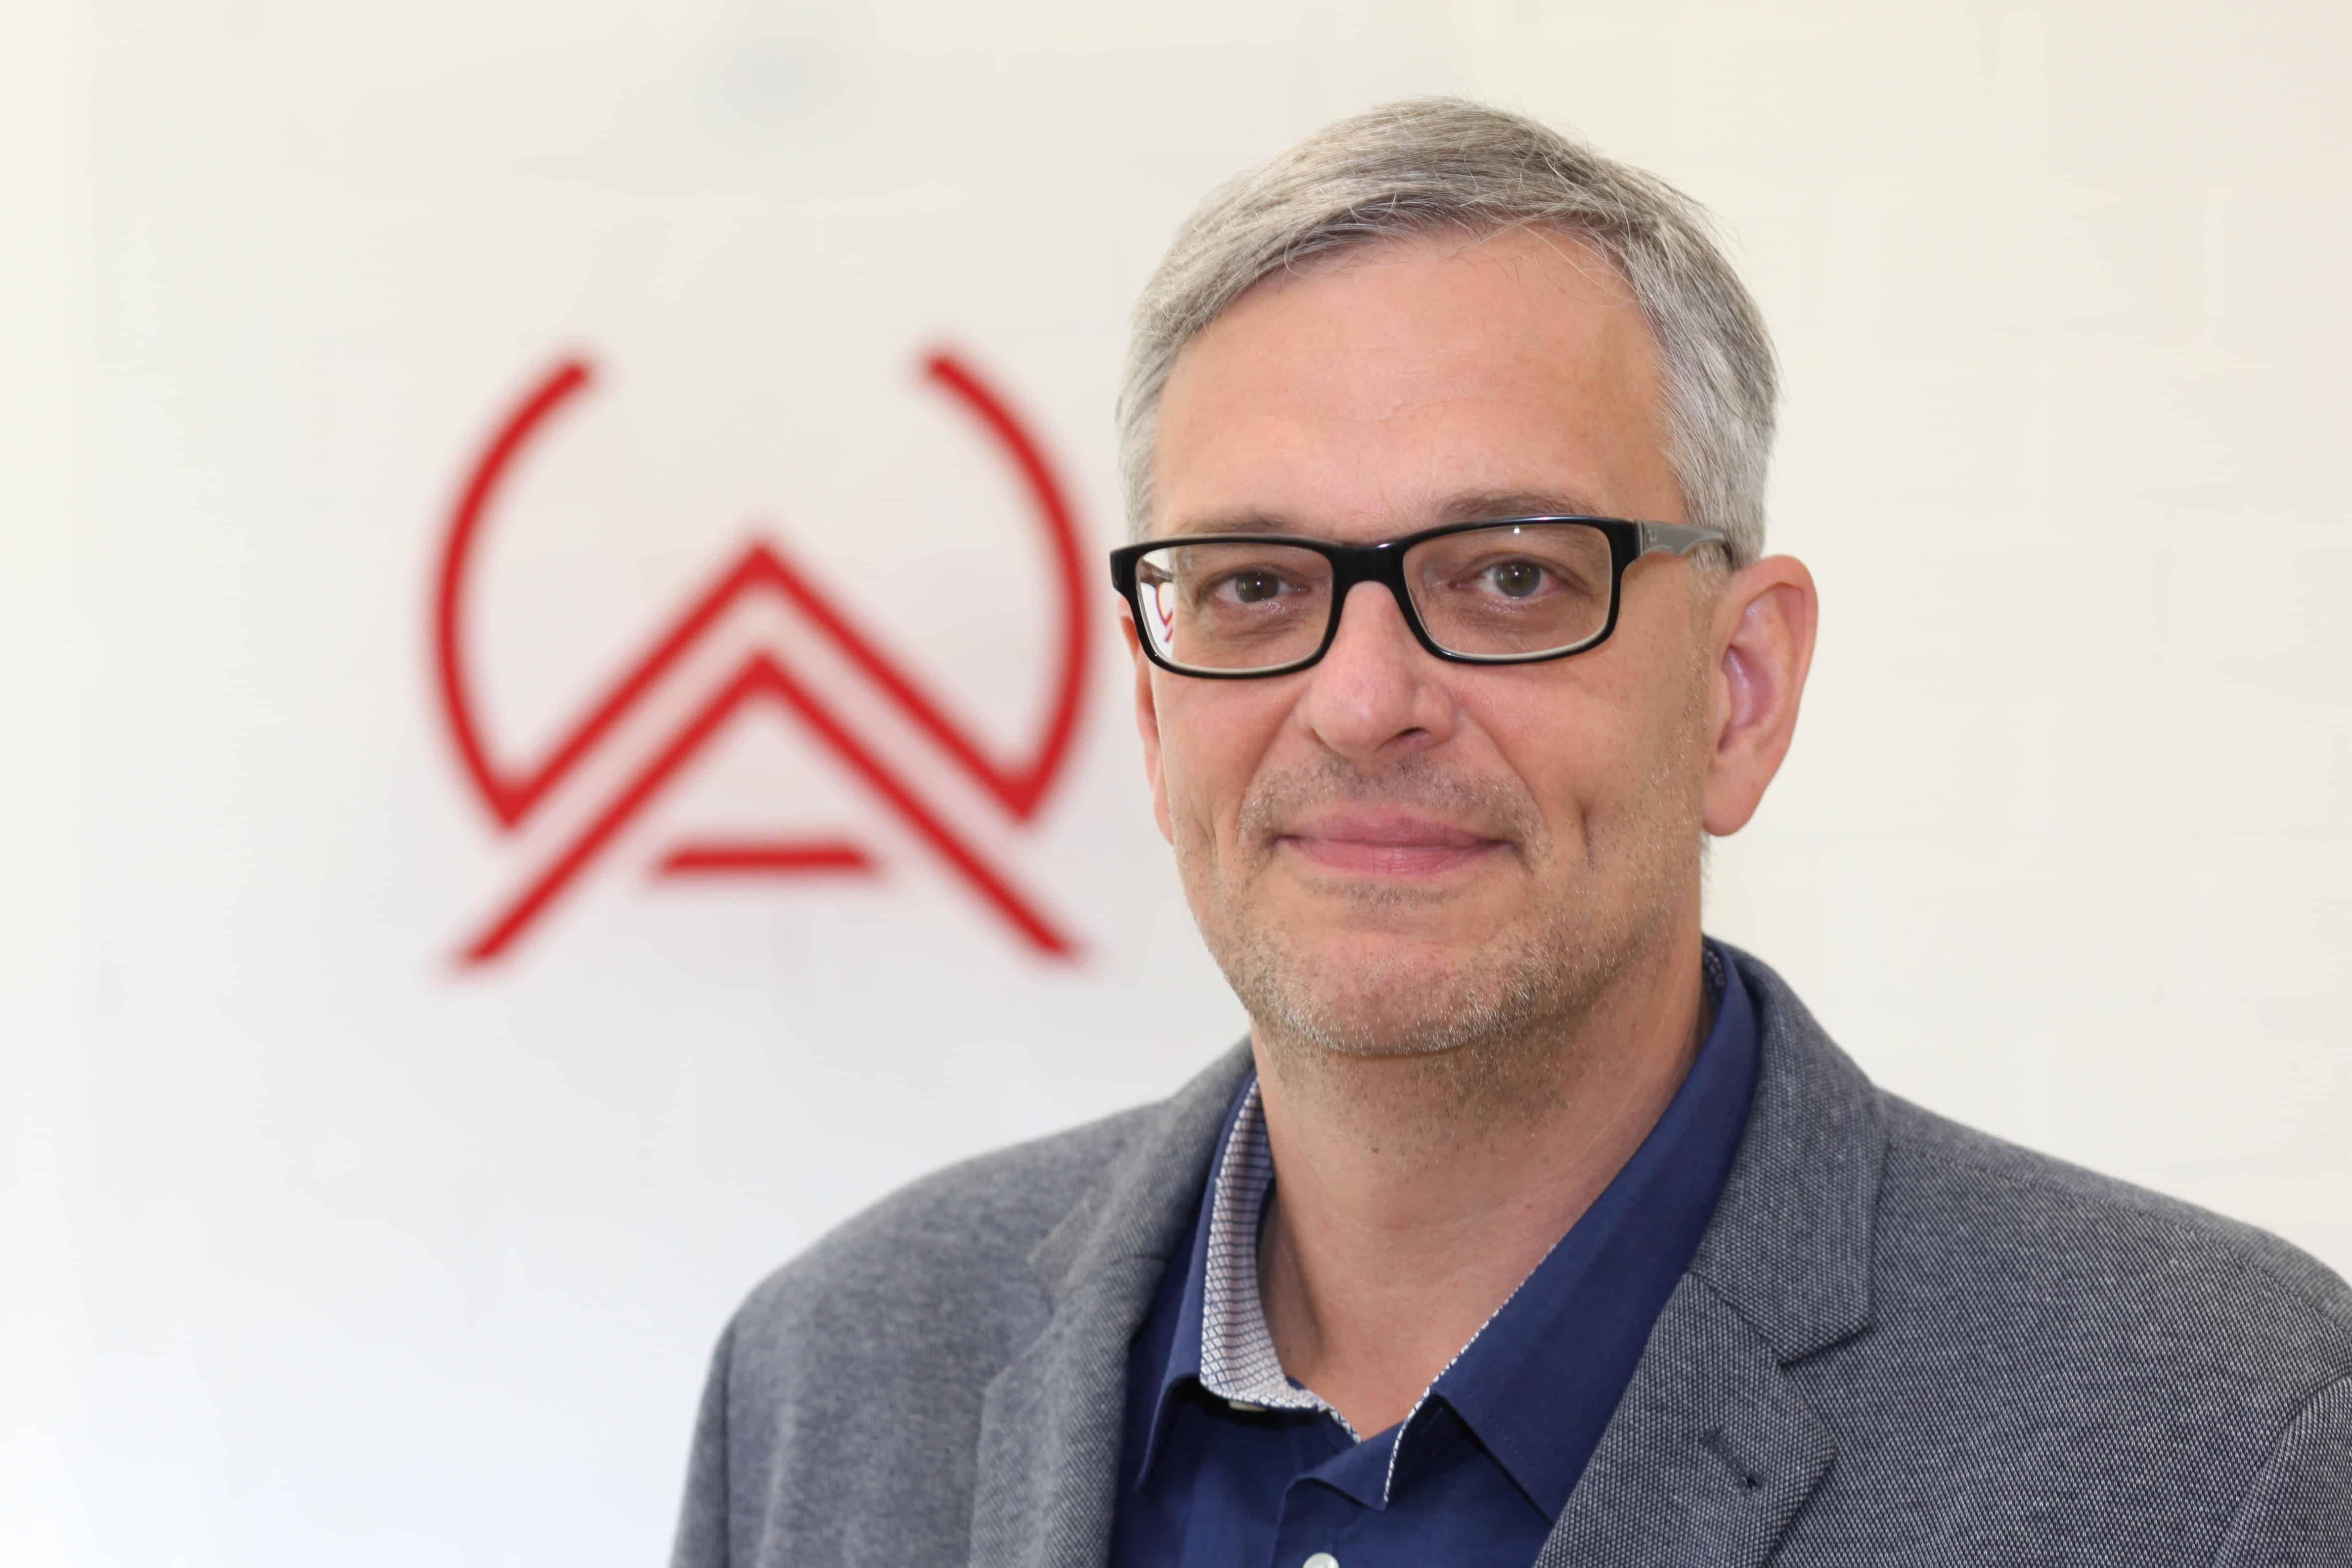 Jörg Mahlke